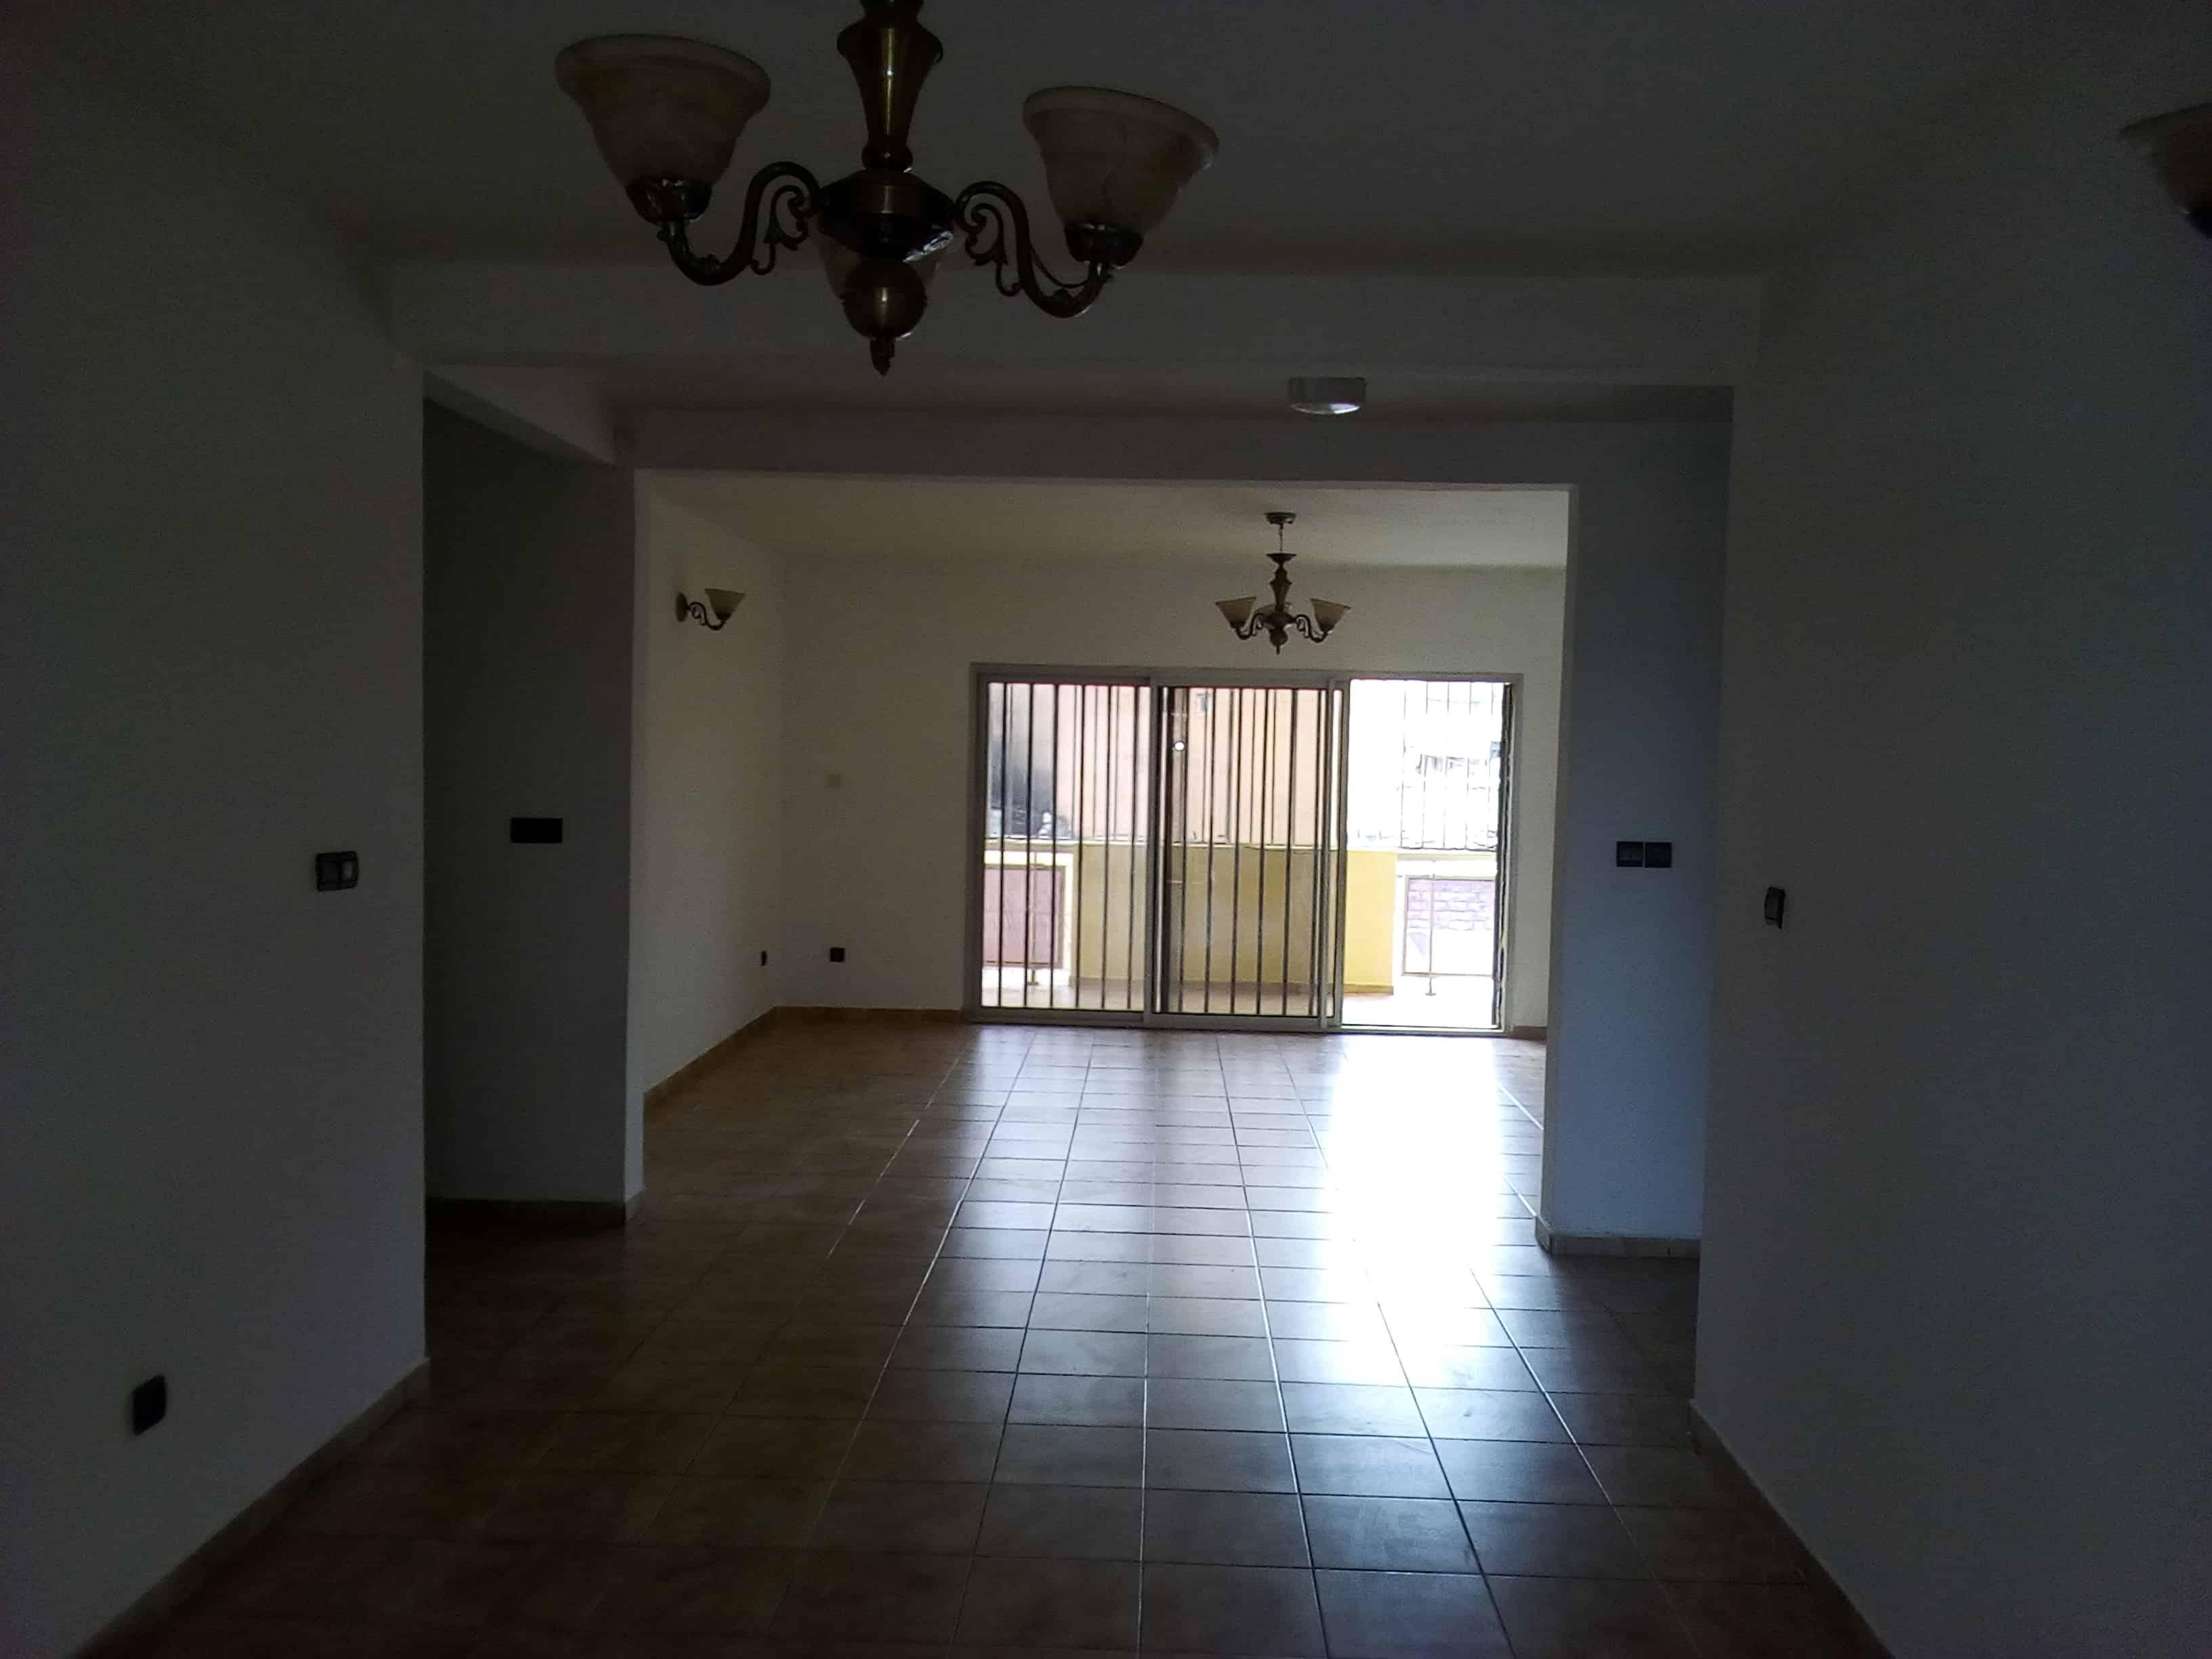 Apartment to rent - Yaoundé, Nlongkak, pas loin du rond point - 1 living room(s), 3 bedroom(s), 2 bathroom(s) - 275 000 FCFA / month